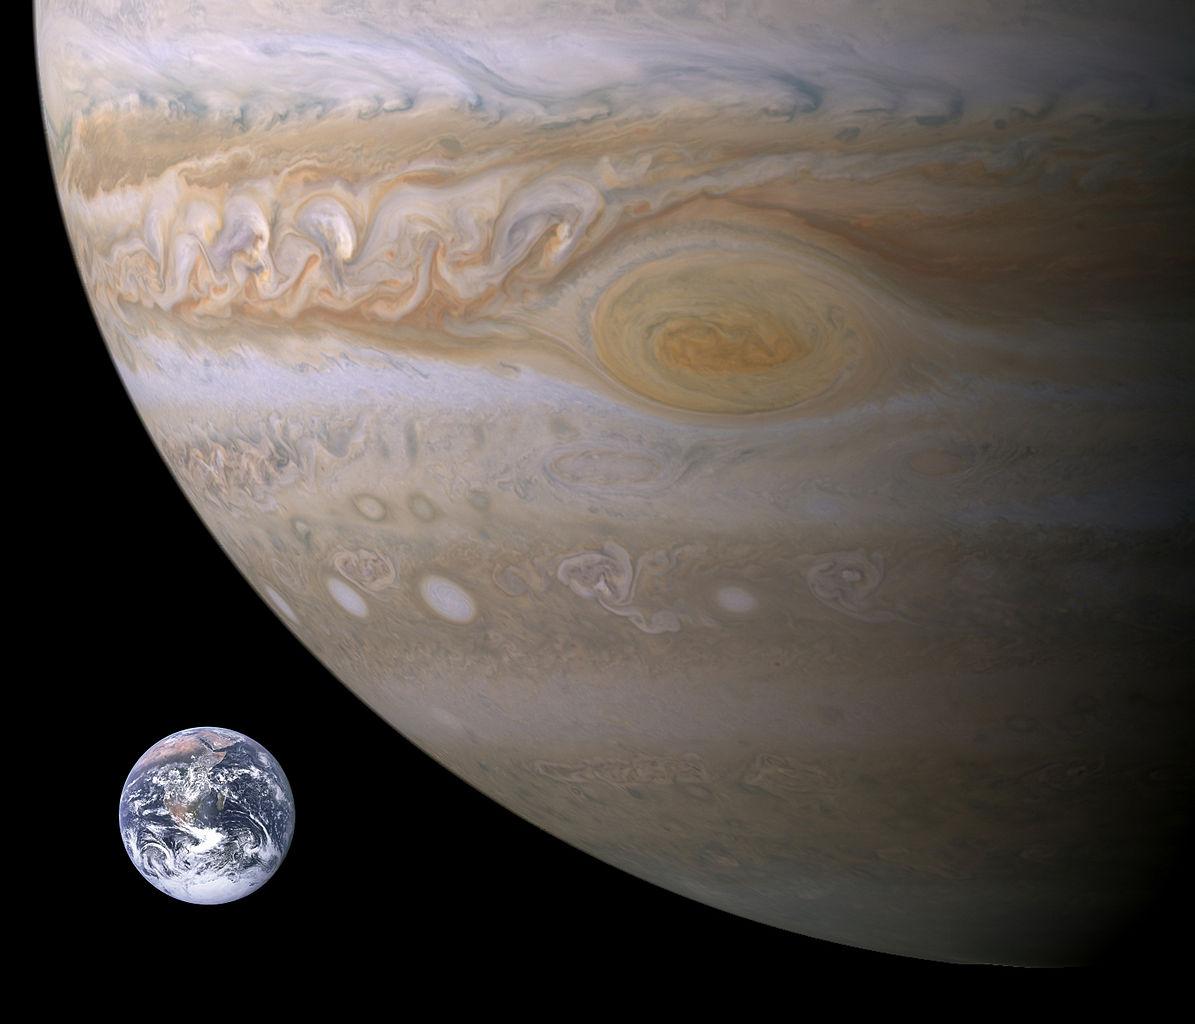 Как стоят планеты в солнечной системе